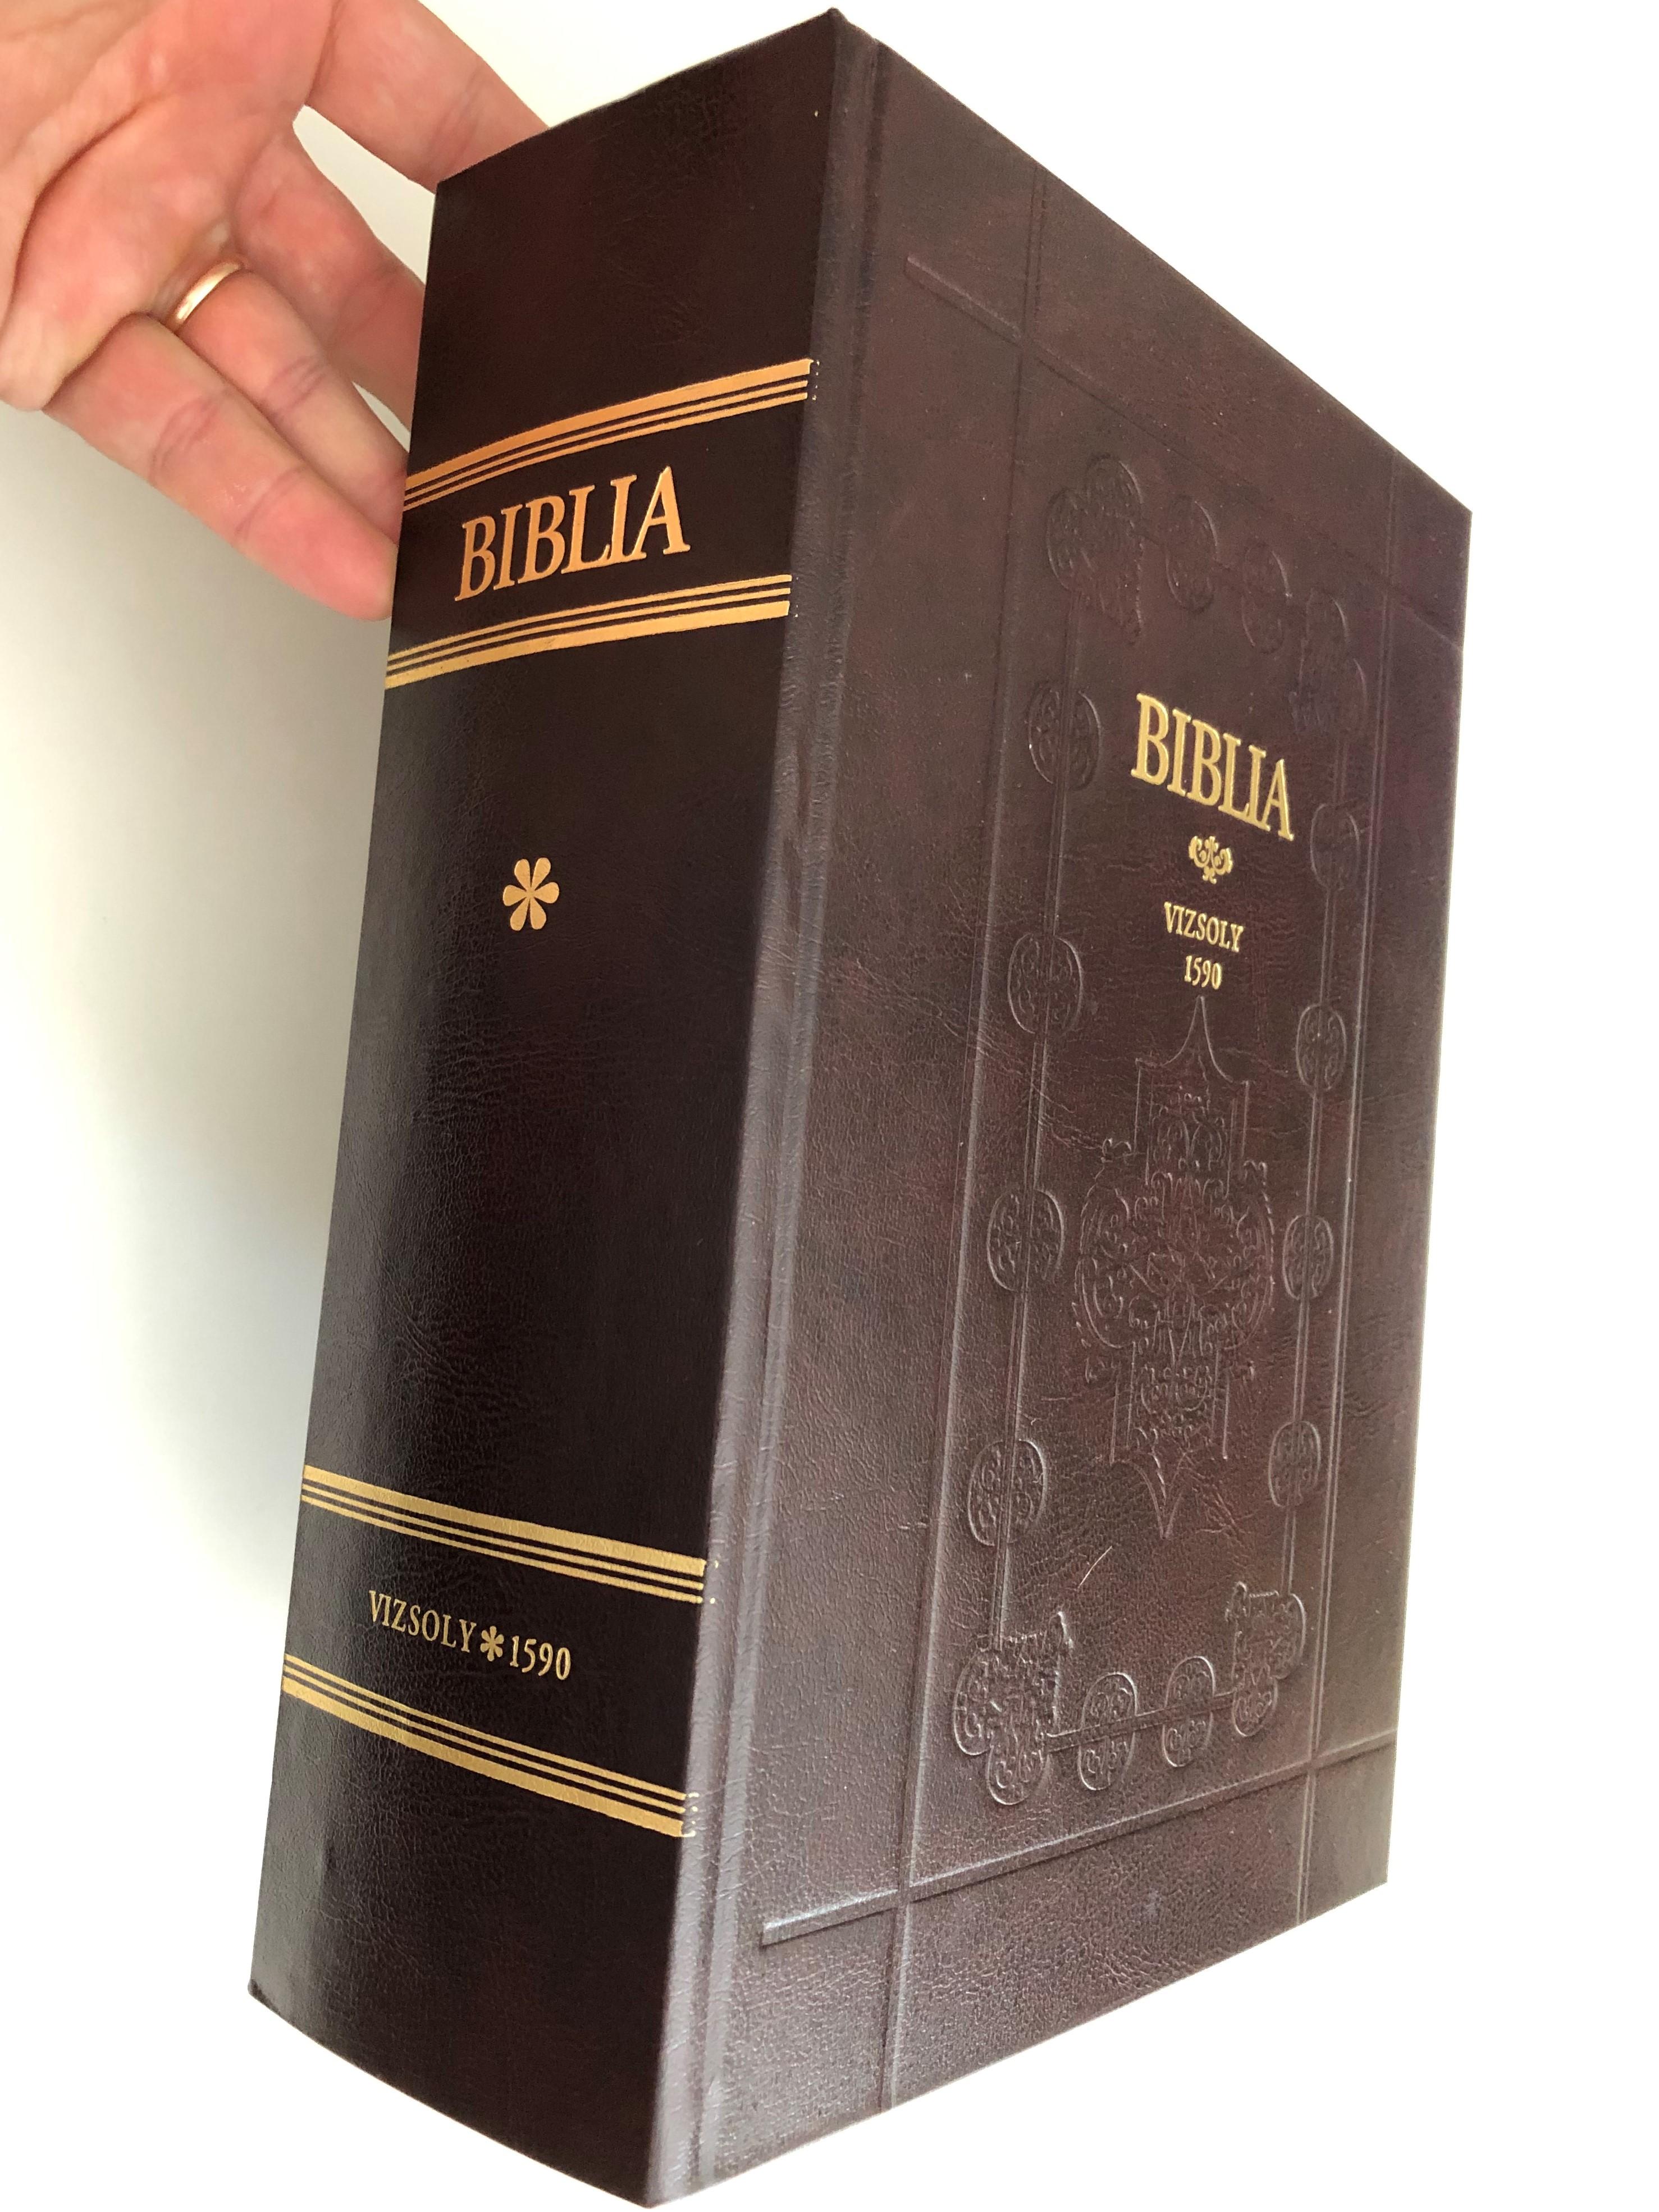 vizsolyi-szent-biblia-1590-hungarian-1590-k-roli-translation-reprint-holy-bible-set-istennec-es-wy-testamentvmanac-prophe-ta-c-es-apostoloc-ltal-meg-iratott-szent-k-nyuei-rcn-l-maradand-bb-tanulm-ny-essay-book-d-6357113-.jpg